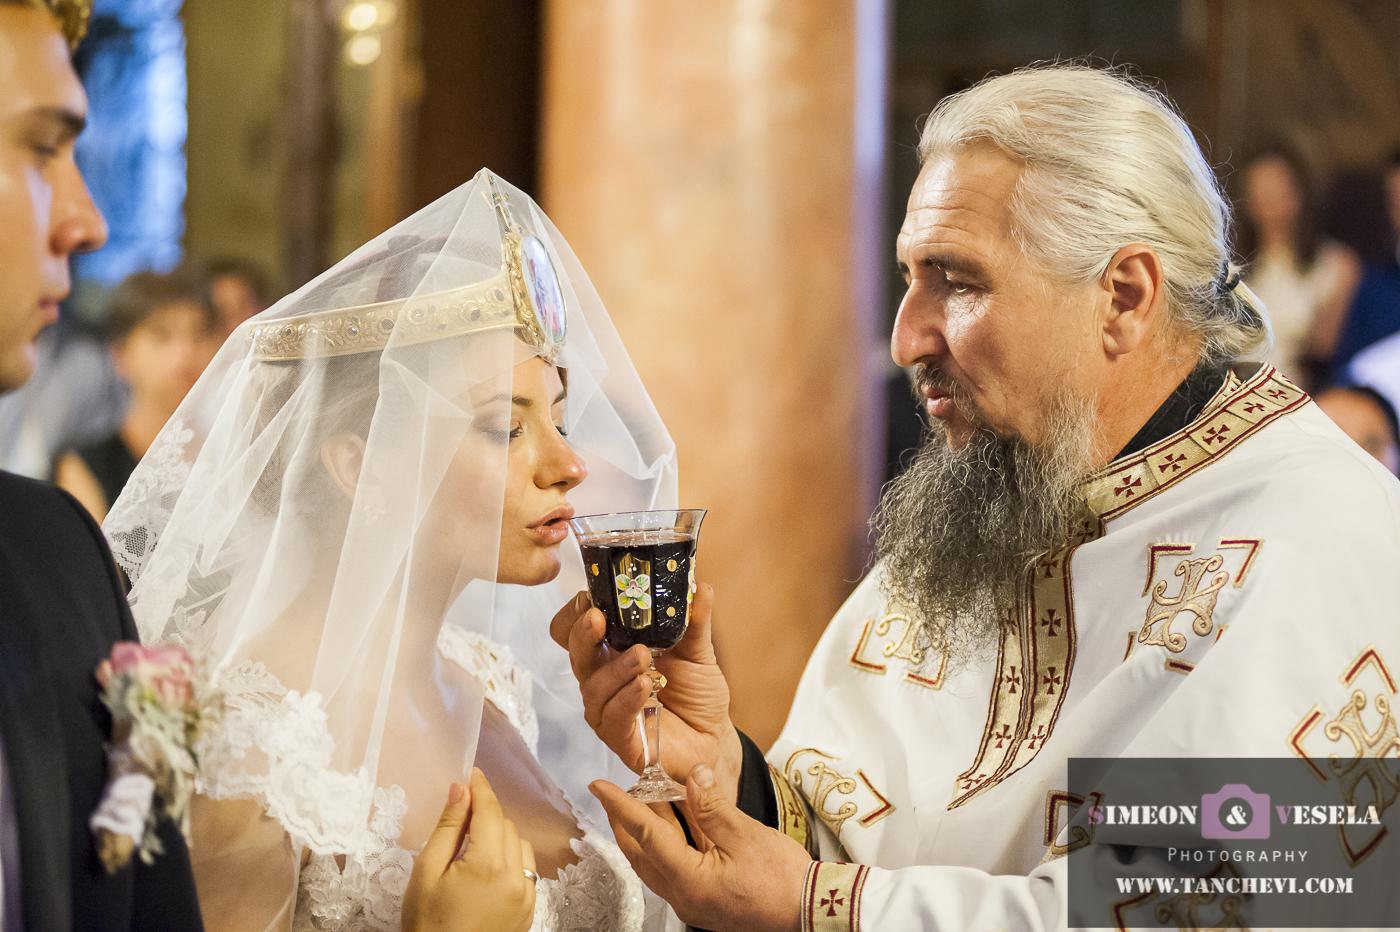 Уловени сватбени моменти в сватбен репортаж от сватбен фотограф в София, Пловдив, Пазарджик, Бургас, Варна, Стара Загора, Ямбол 320